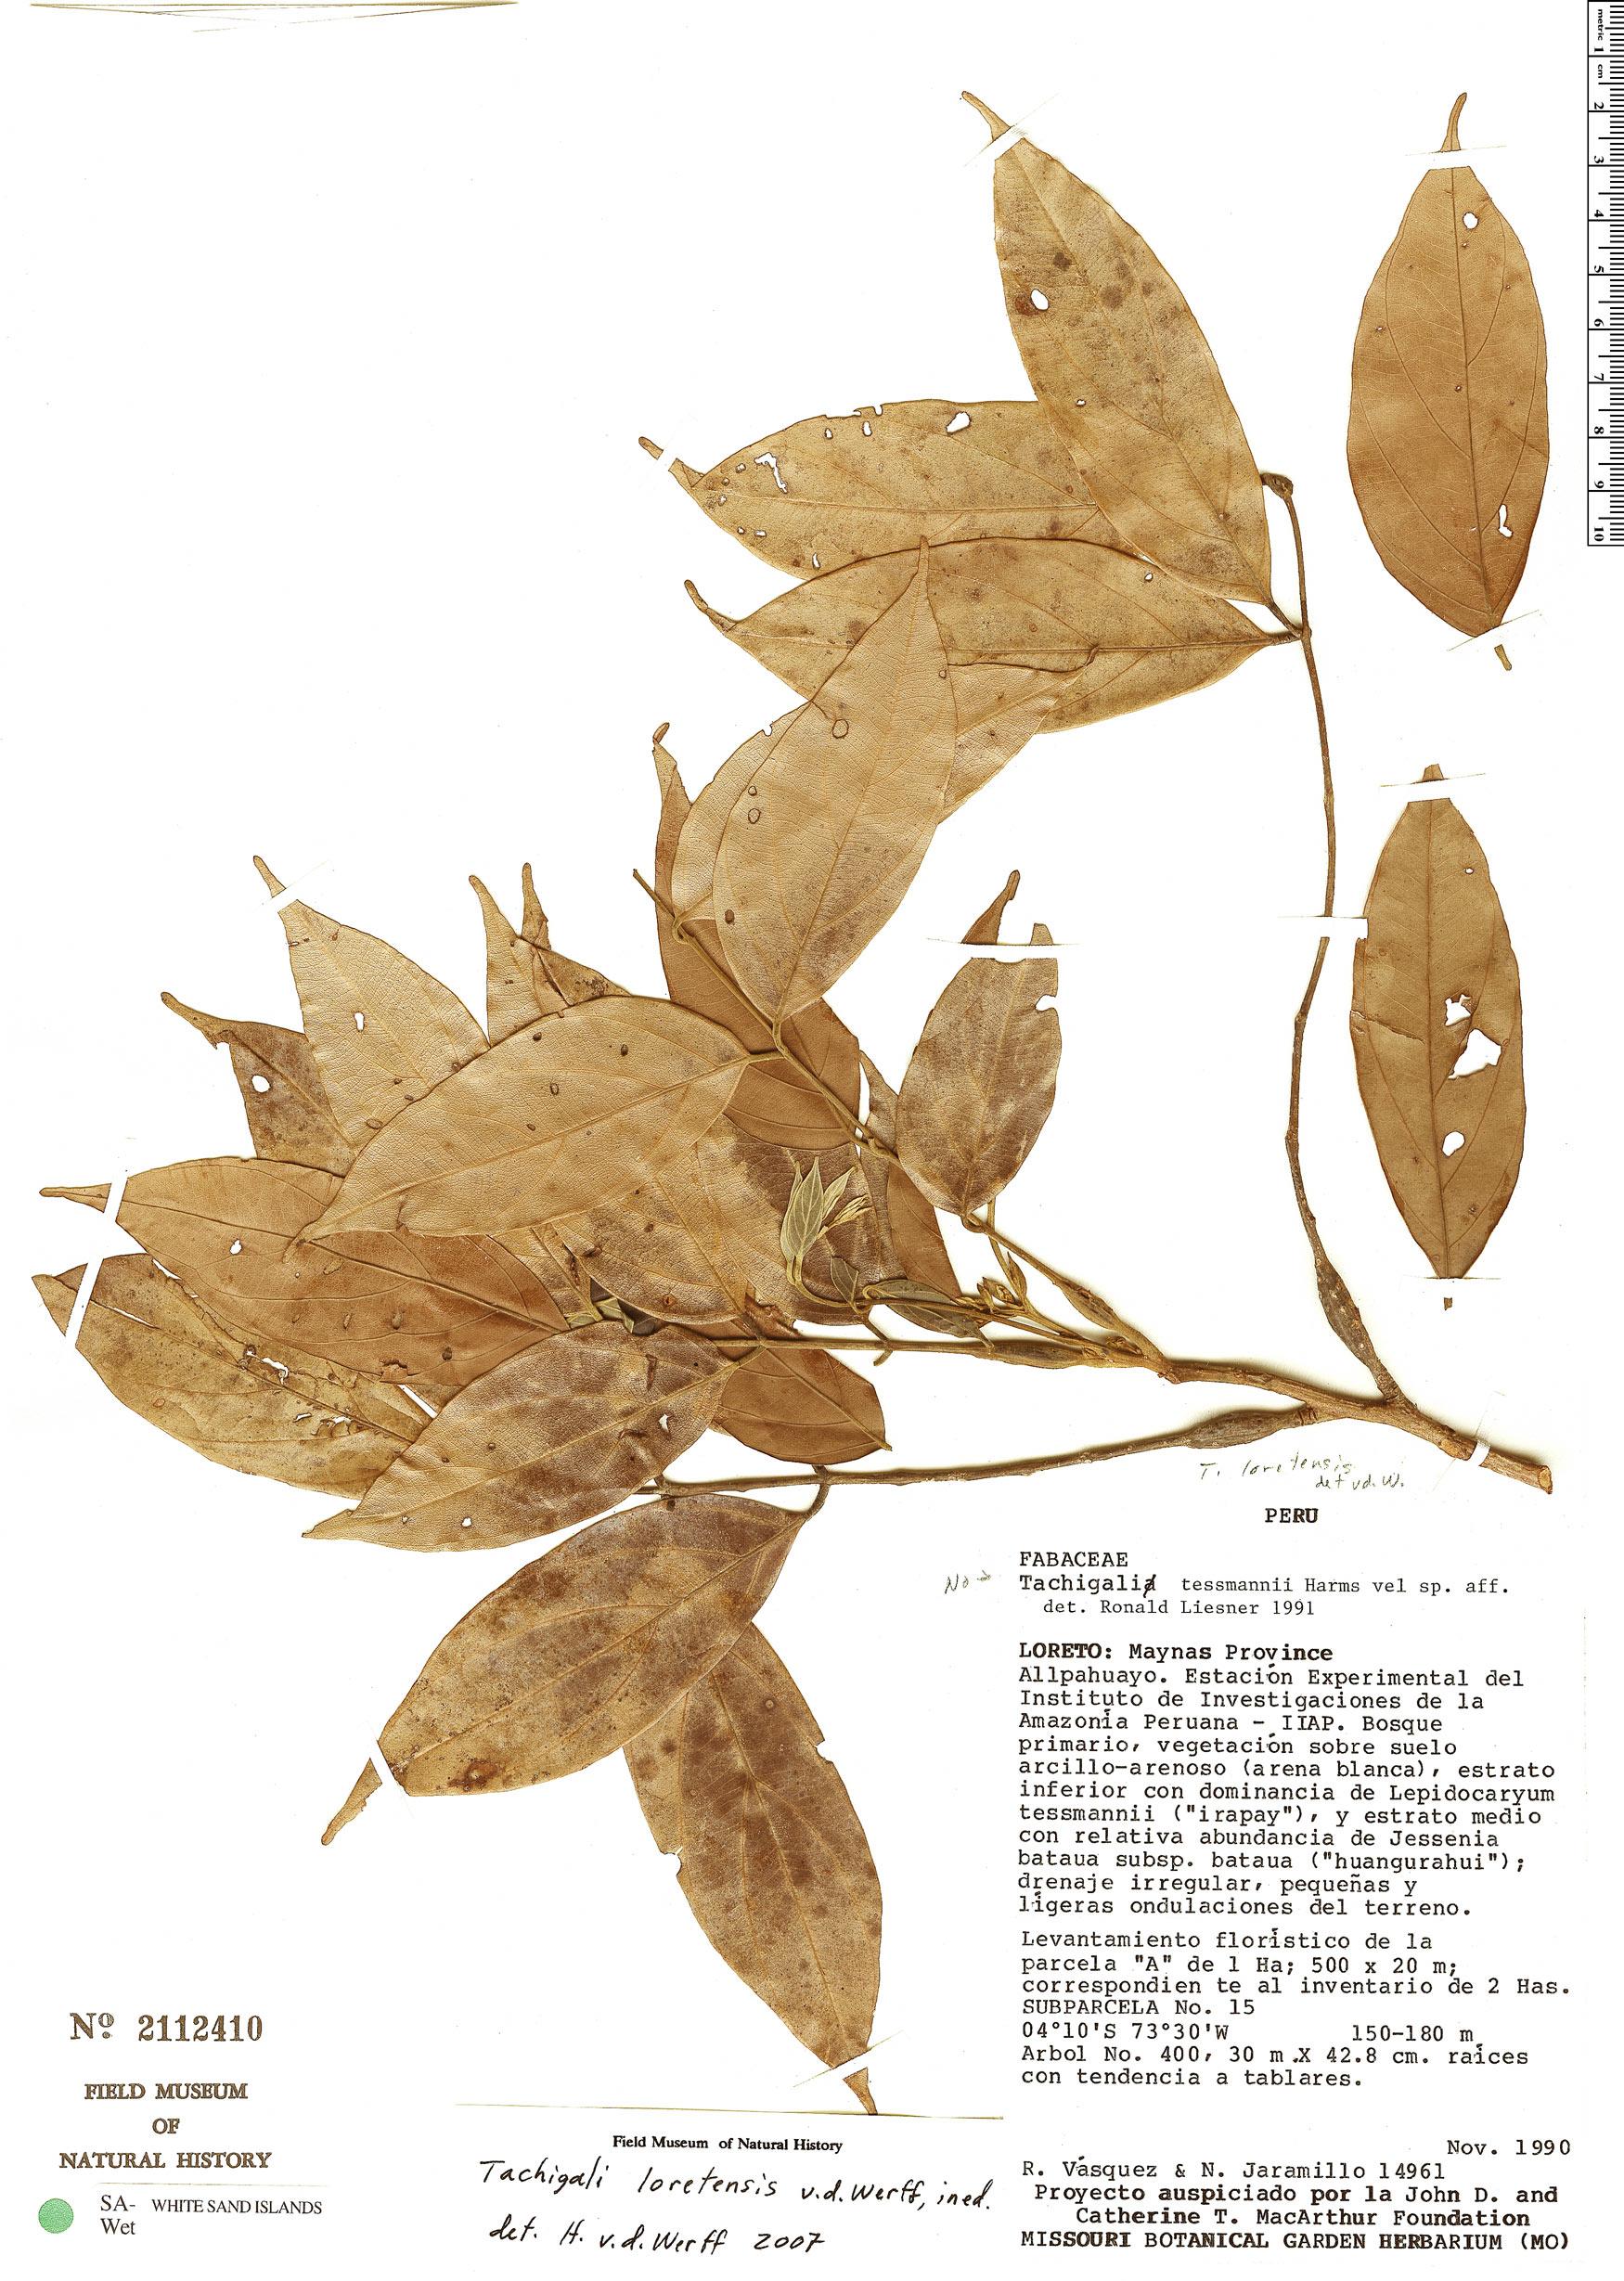 Specimen: Tachigali loretensis